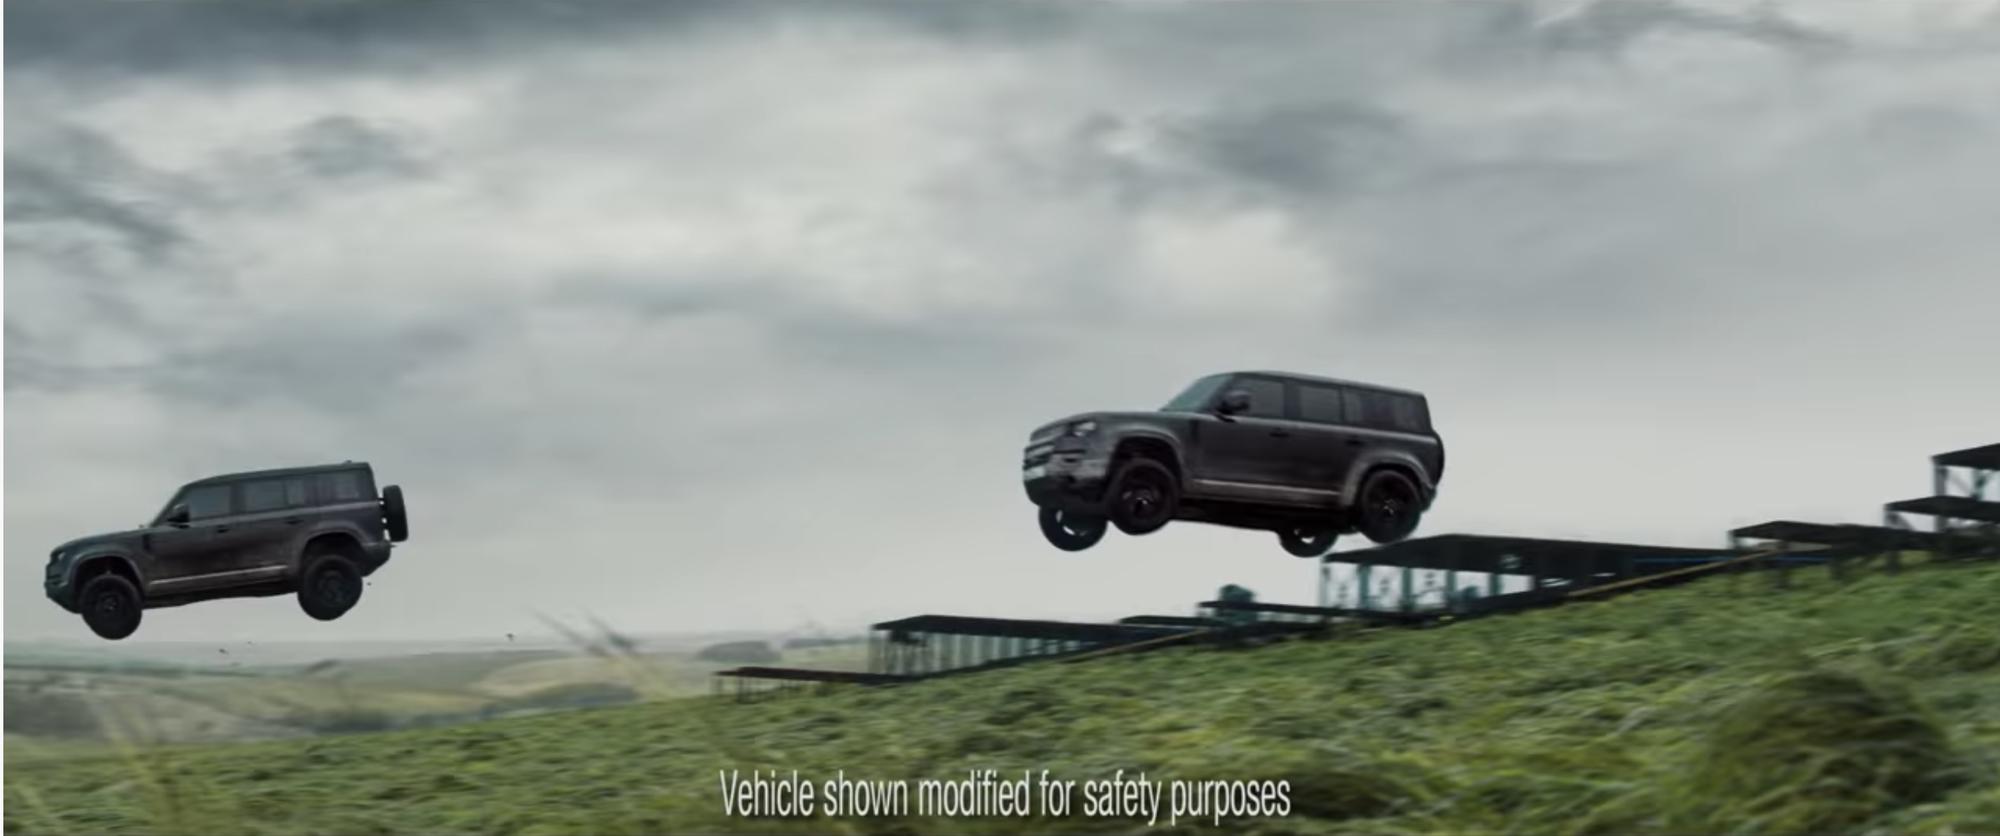 Mãn nhãn cảnh Defender bay như chim trong phần mới của Điệp viên 007